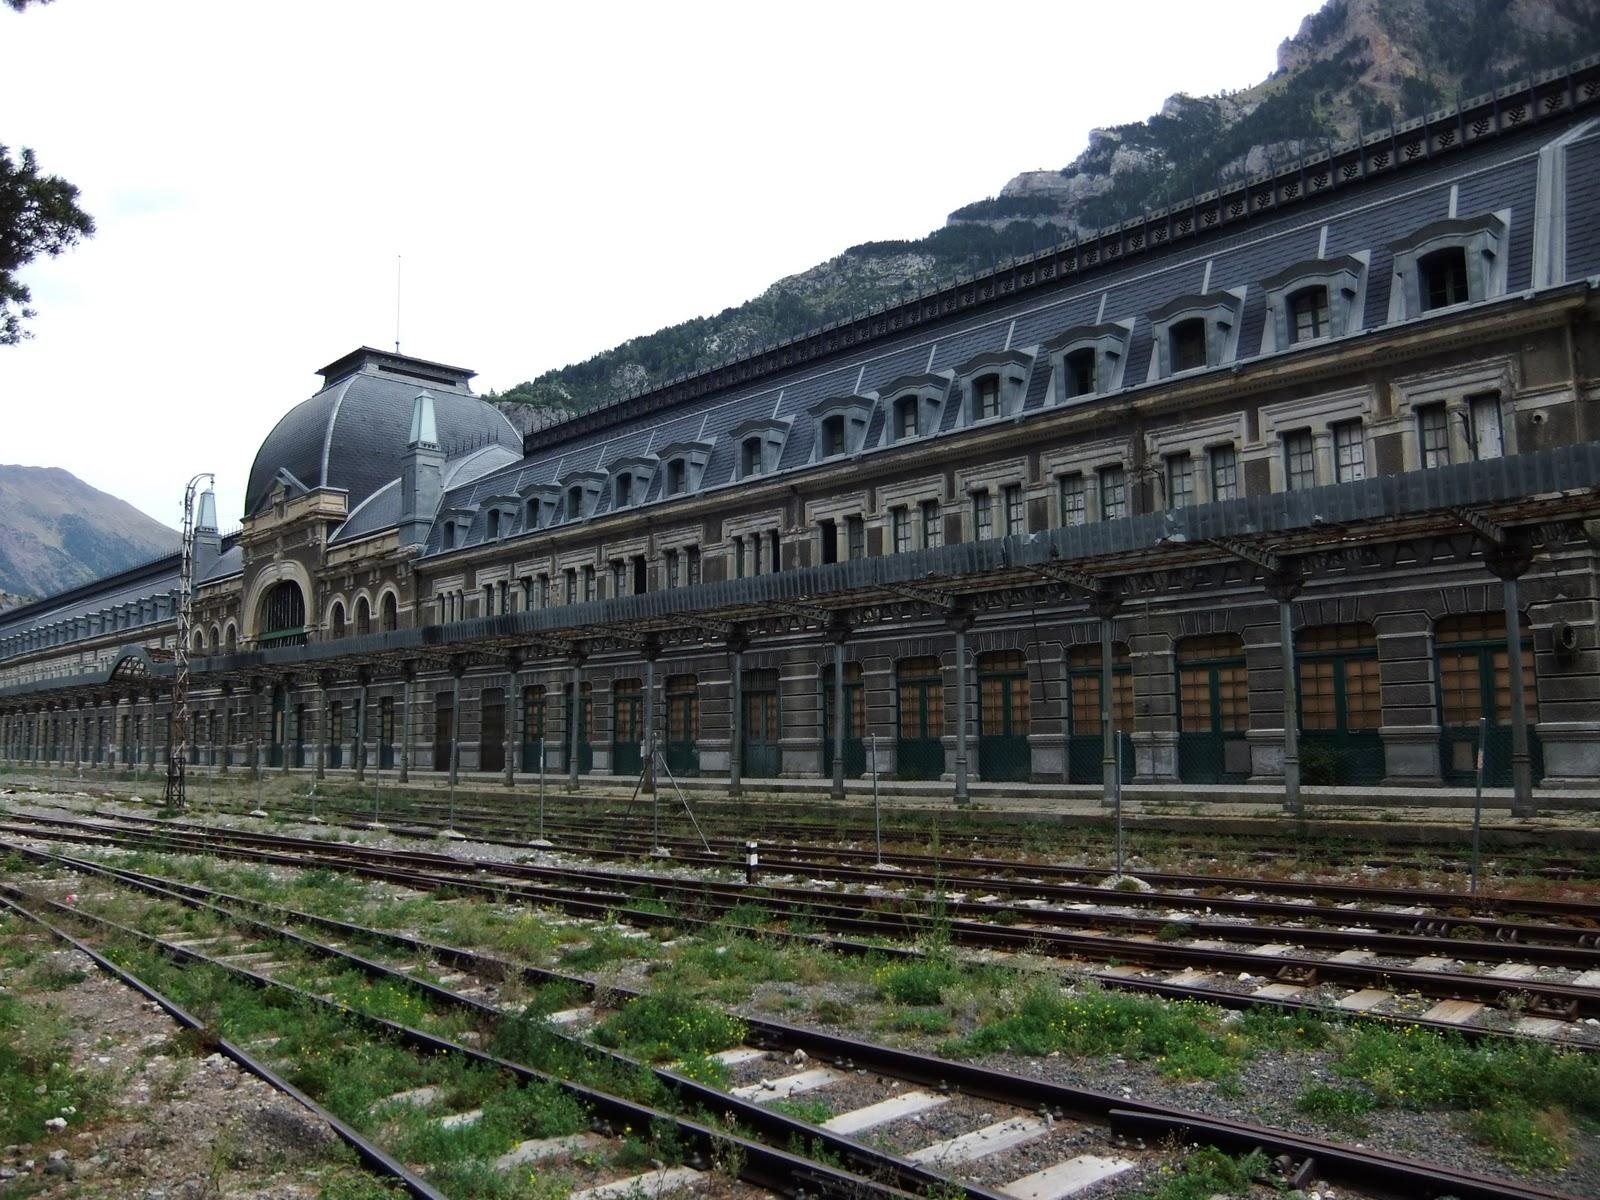 Calea ferată Canfranc, Spania